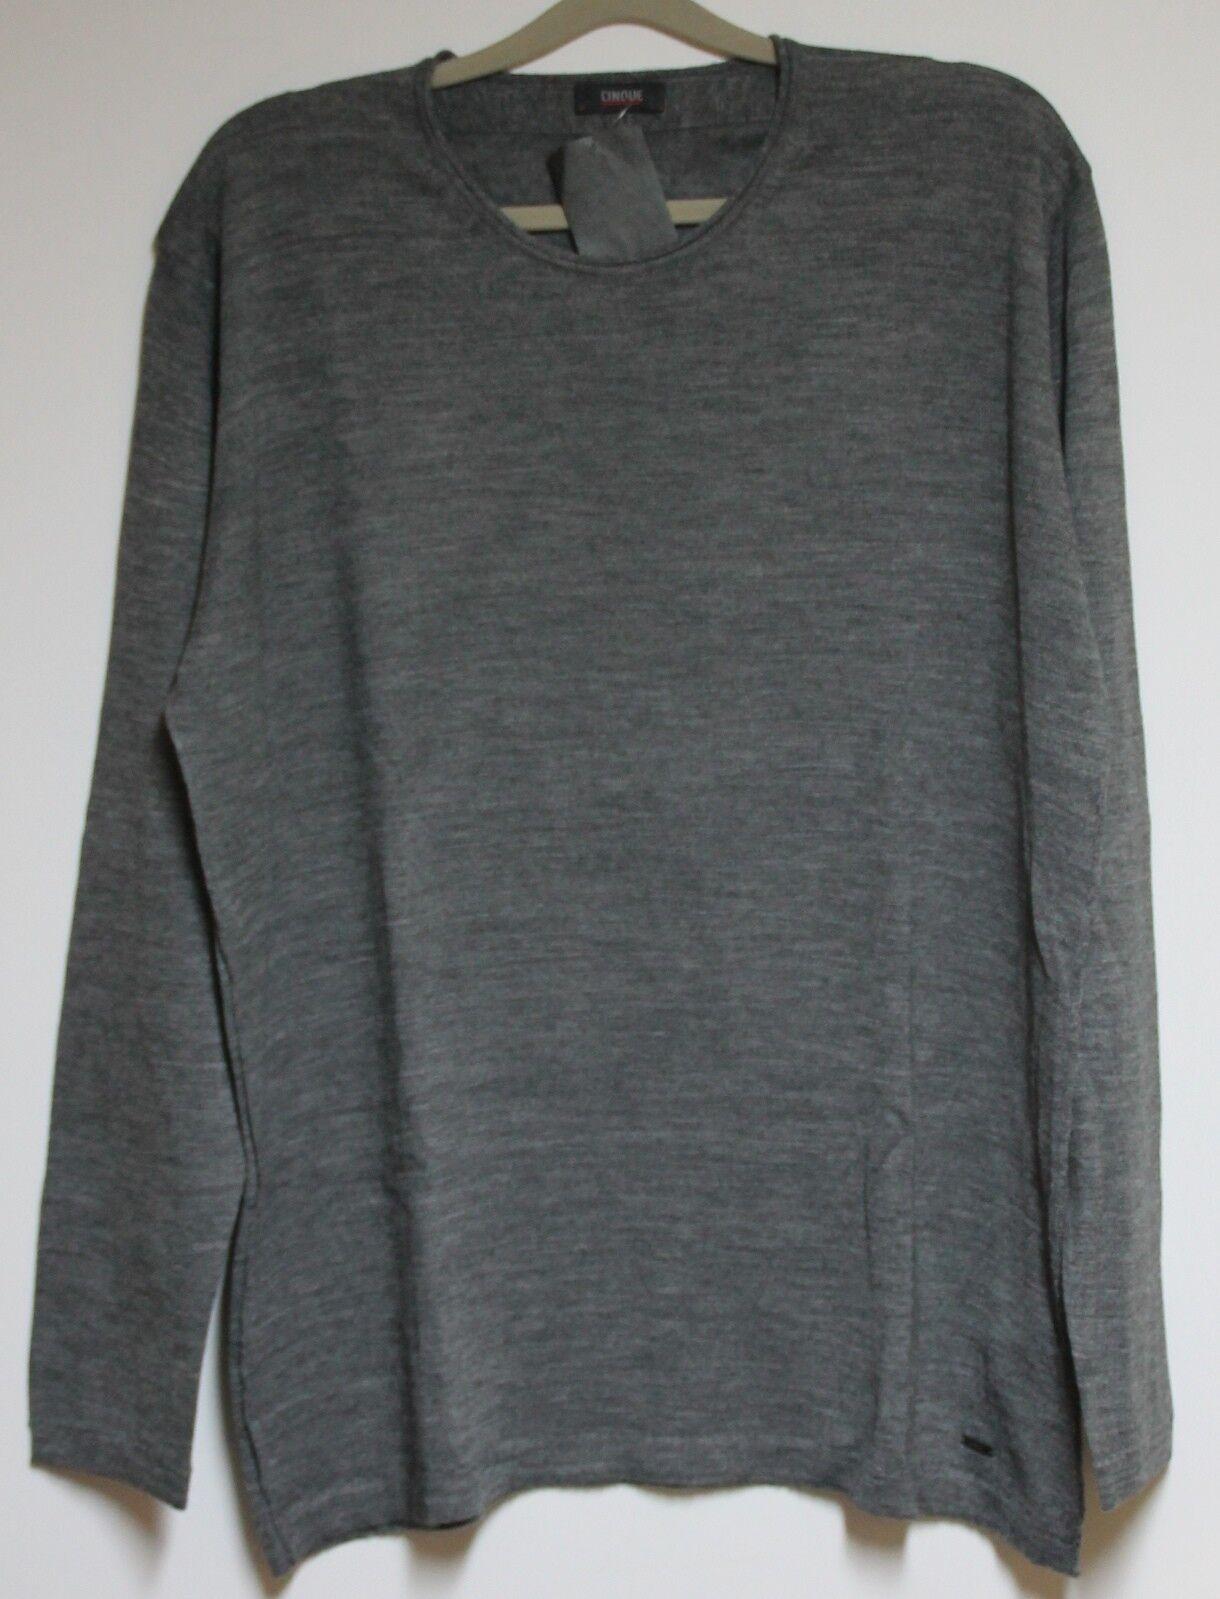 CINQUE Strick Pullover Ciroiate Herren in Grau  Größe 2XL  Neu mit Etikett